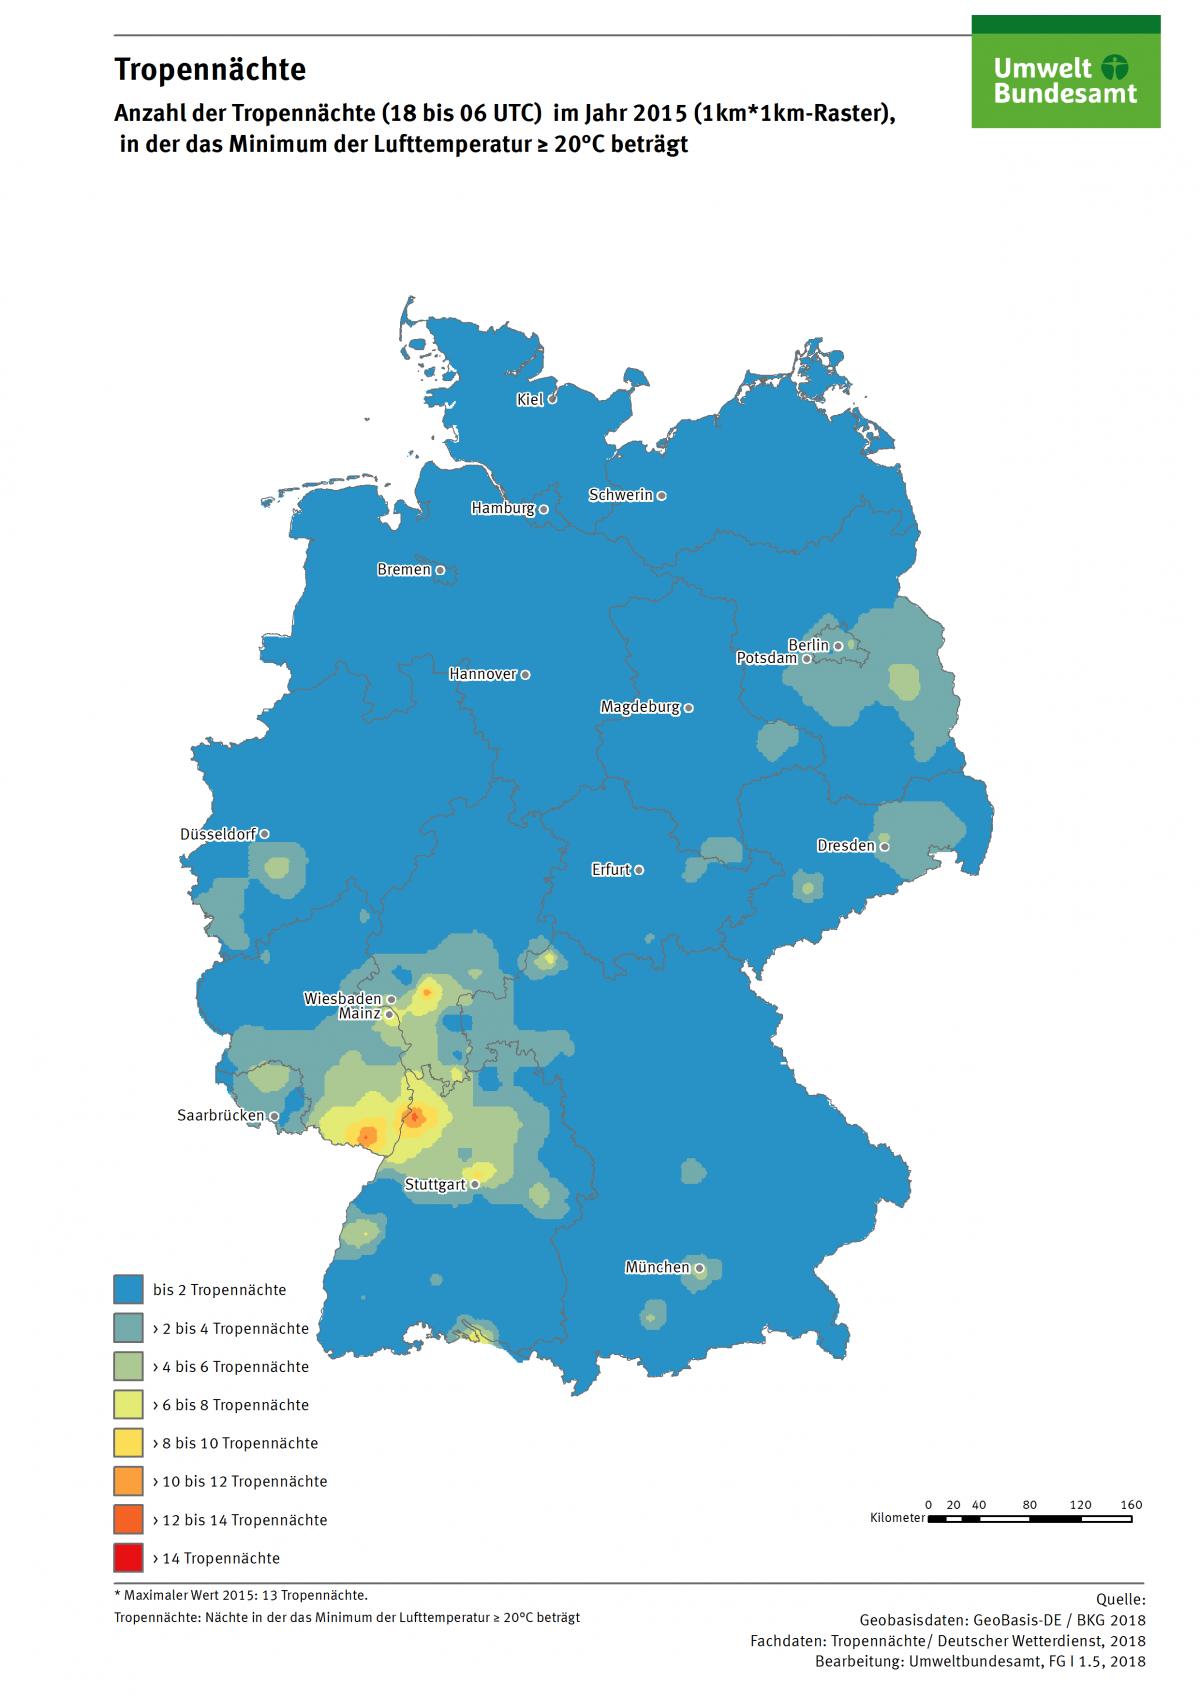 Die Karte zeigt die Anzahl der Tropennächte in Deutschland im Jahr 2015. In diesem Jahr gab es in einzelnen Regionen bis zu 13 Tropennächte.